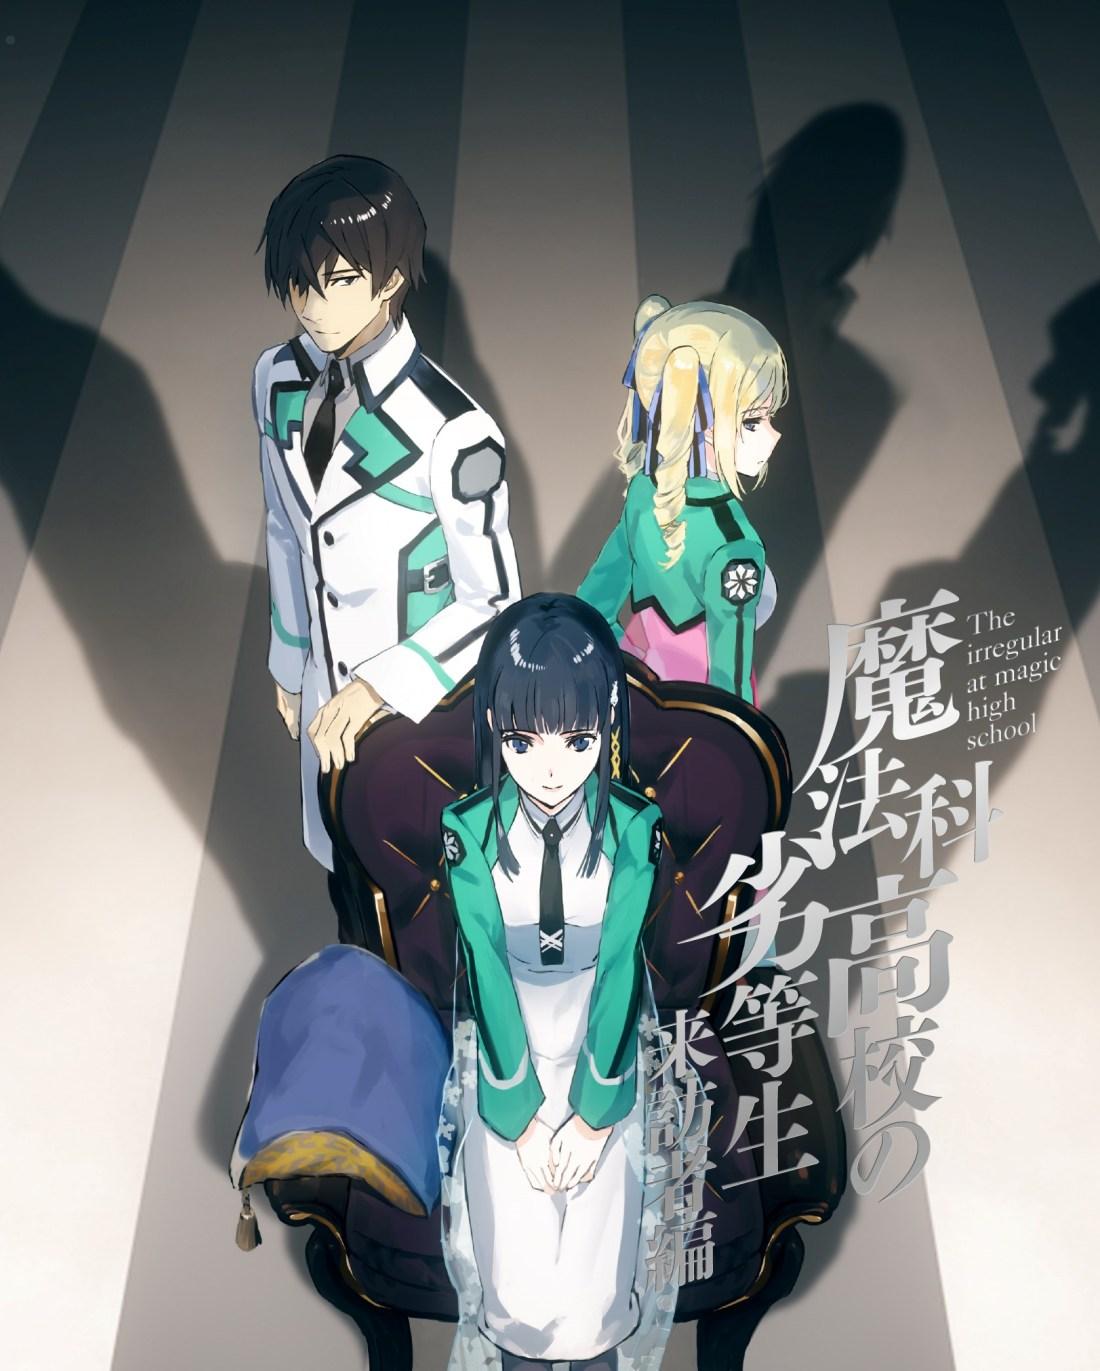 アニメ2期『魔法科高校の劣等生 来訪者編』Blu-ray&DVD